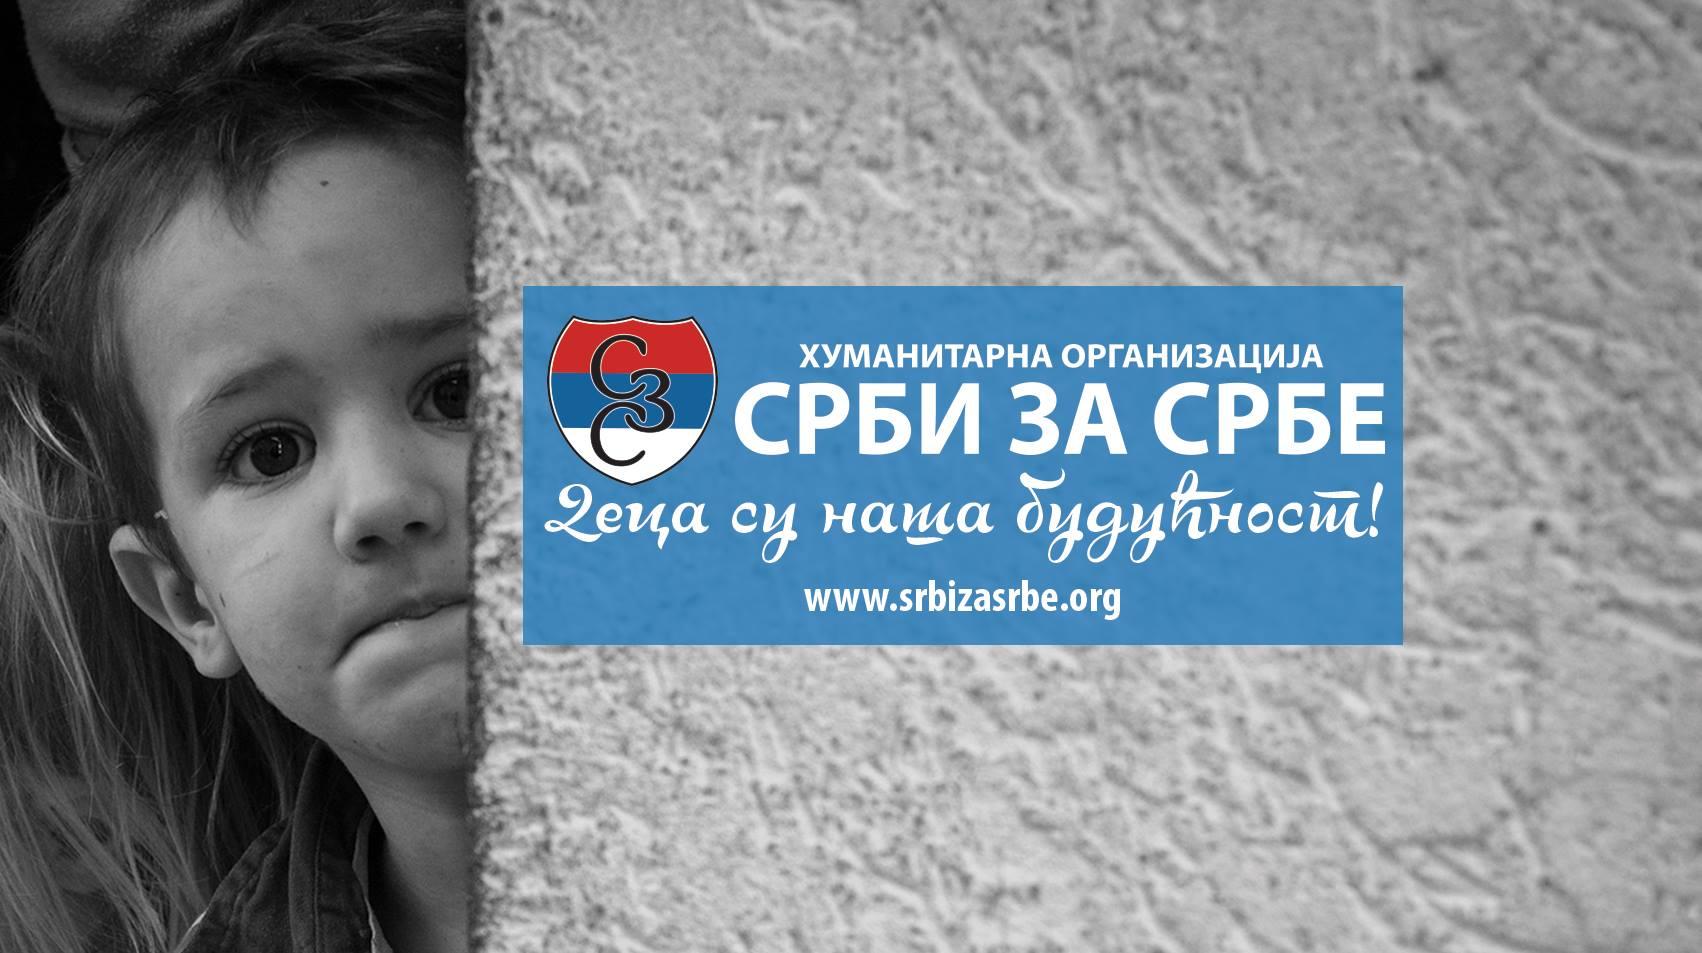 humanitarna organizacija srbi za srbe humanost ljudskost pomoc